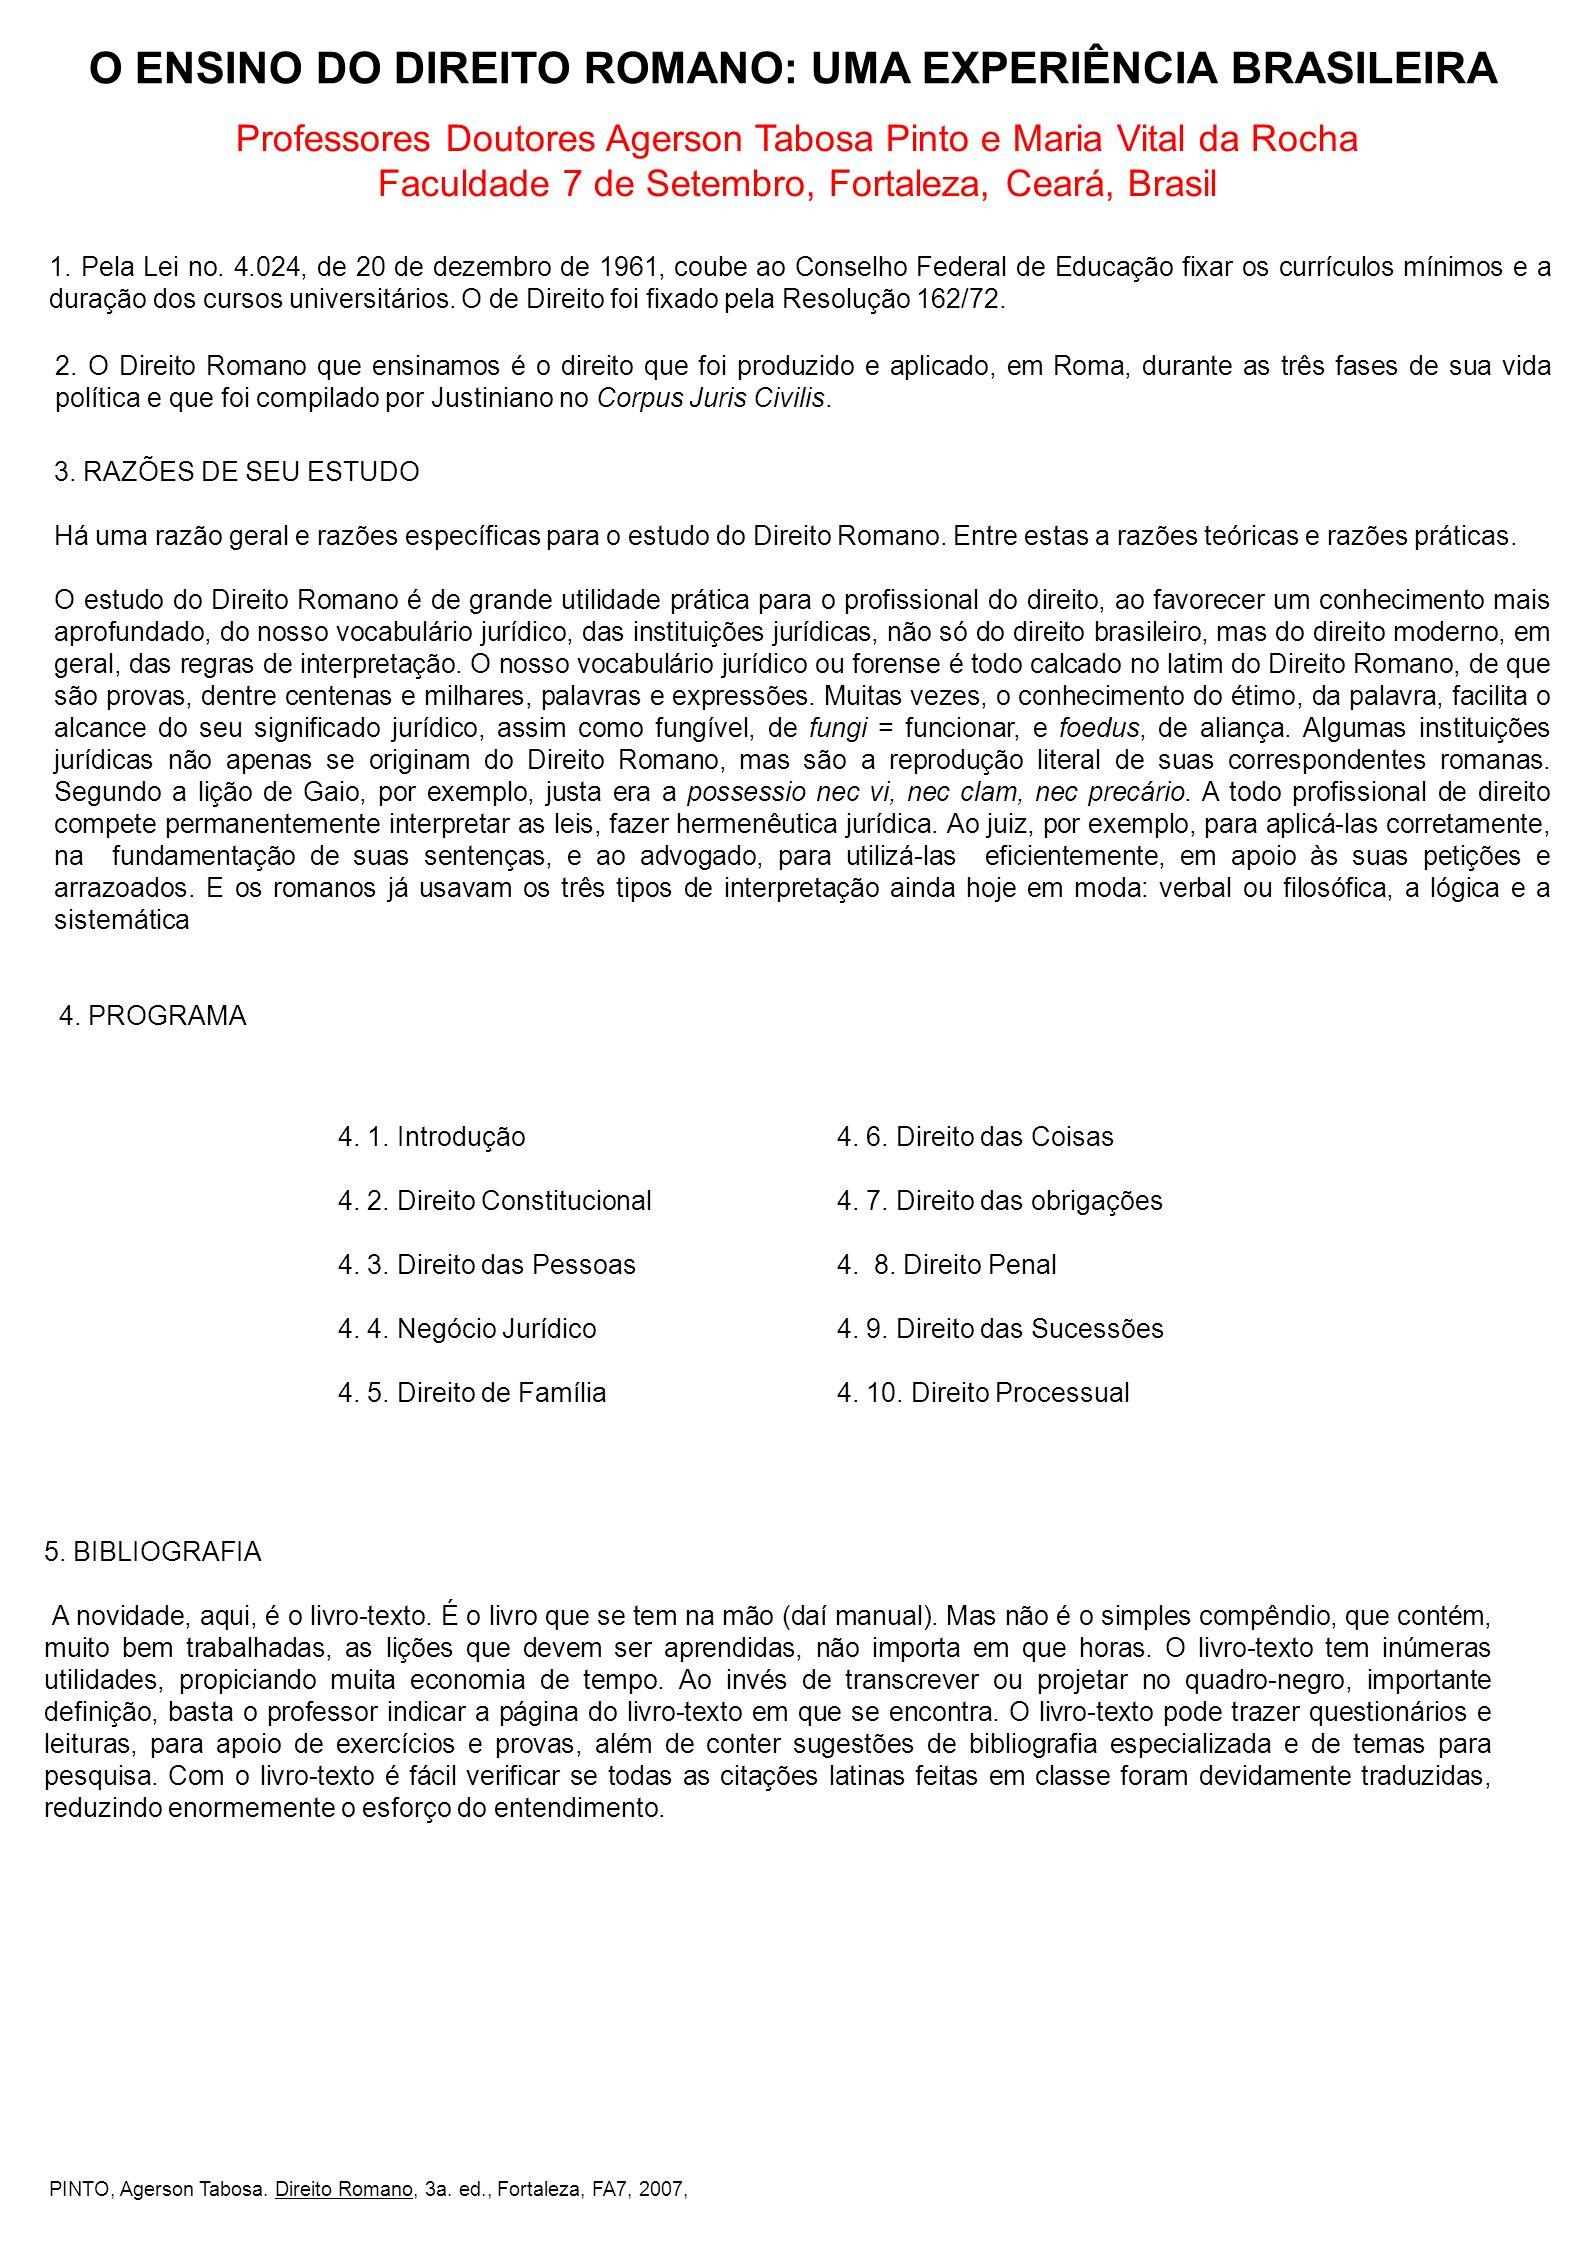 O ENSINO DO DIREITO ROMANO: UMA EXPERIÊNCIA BRASILEIRA